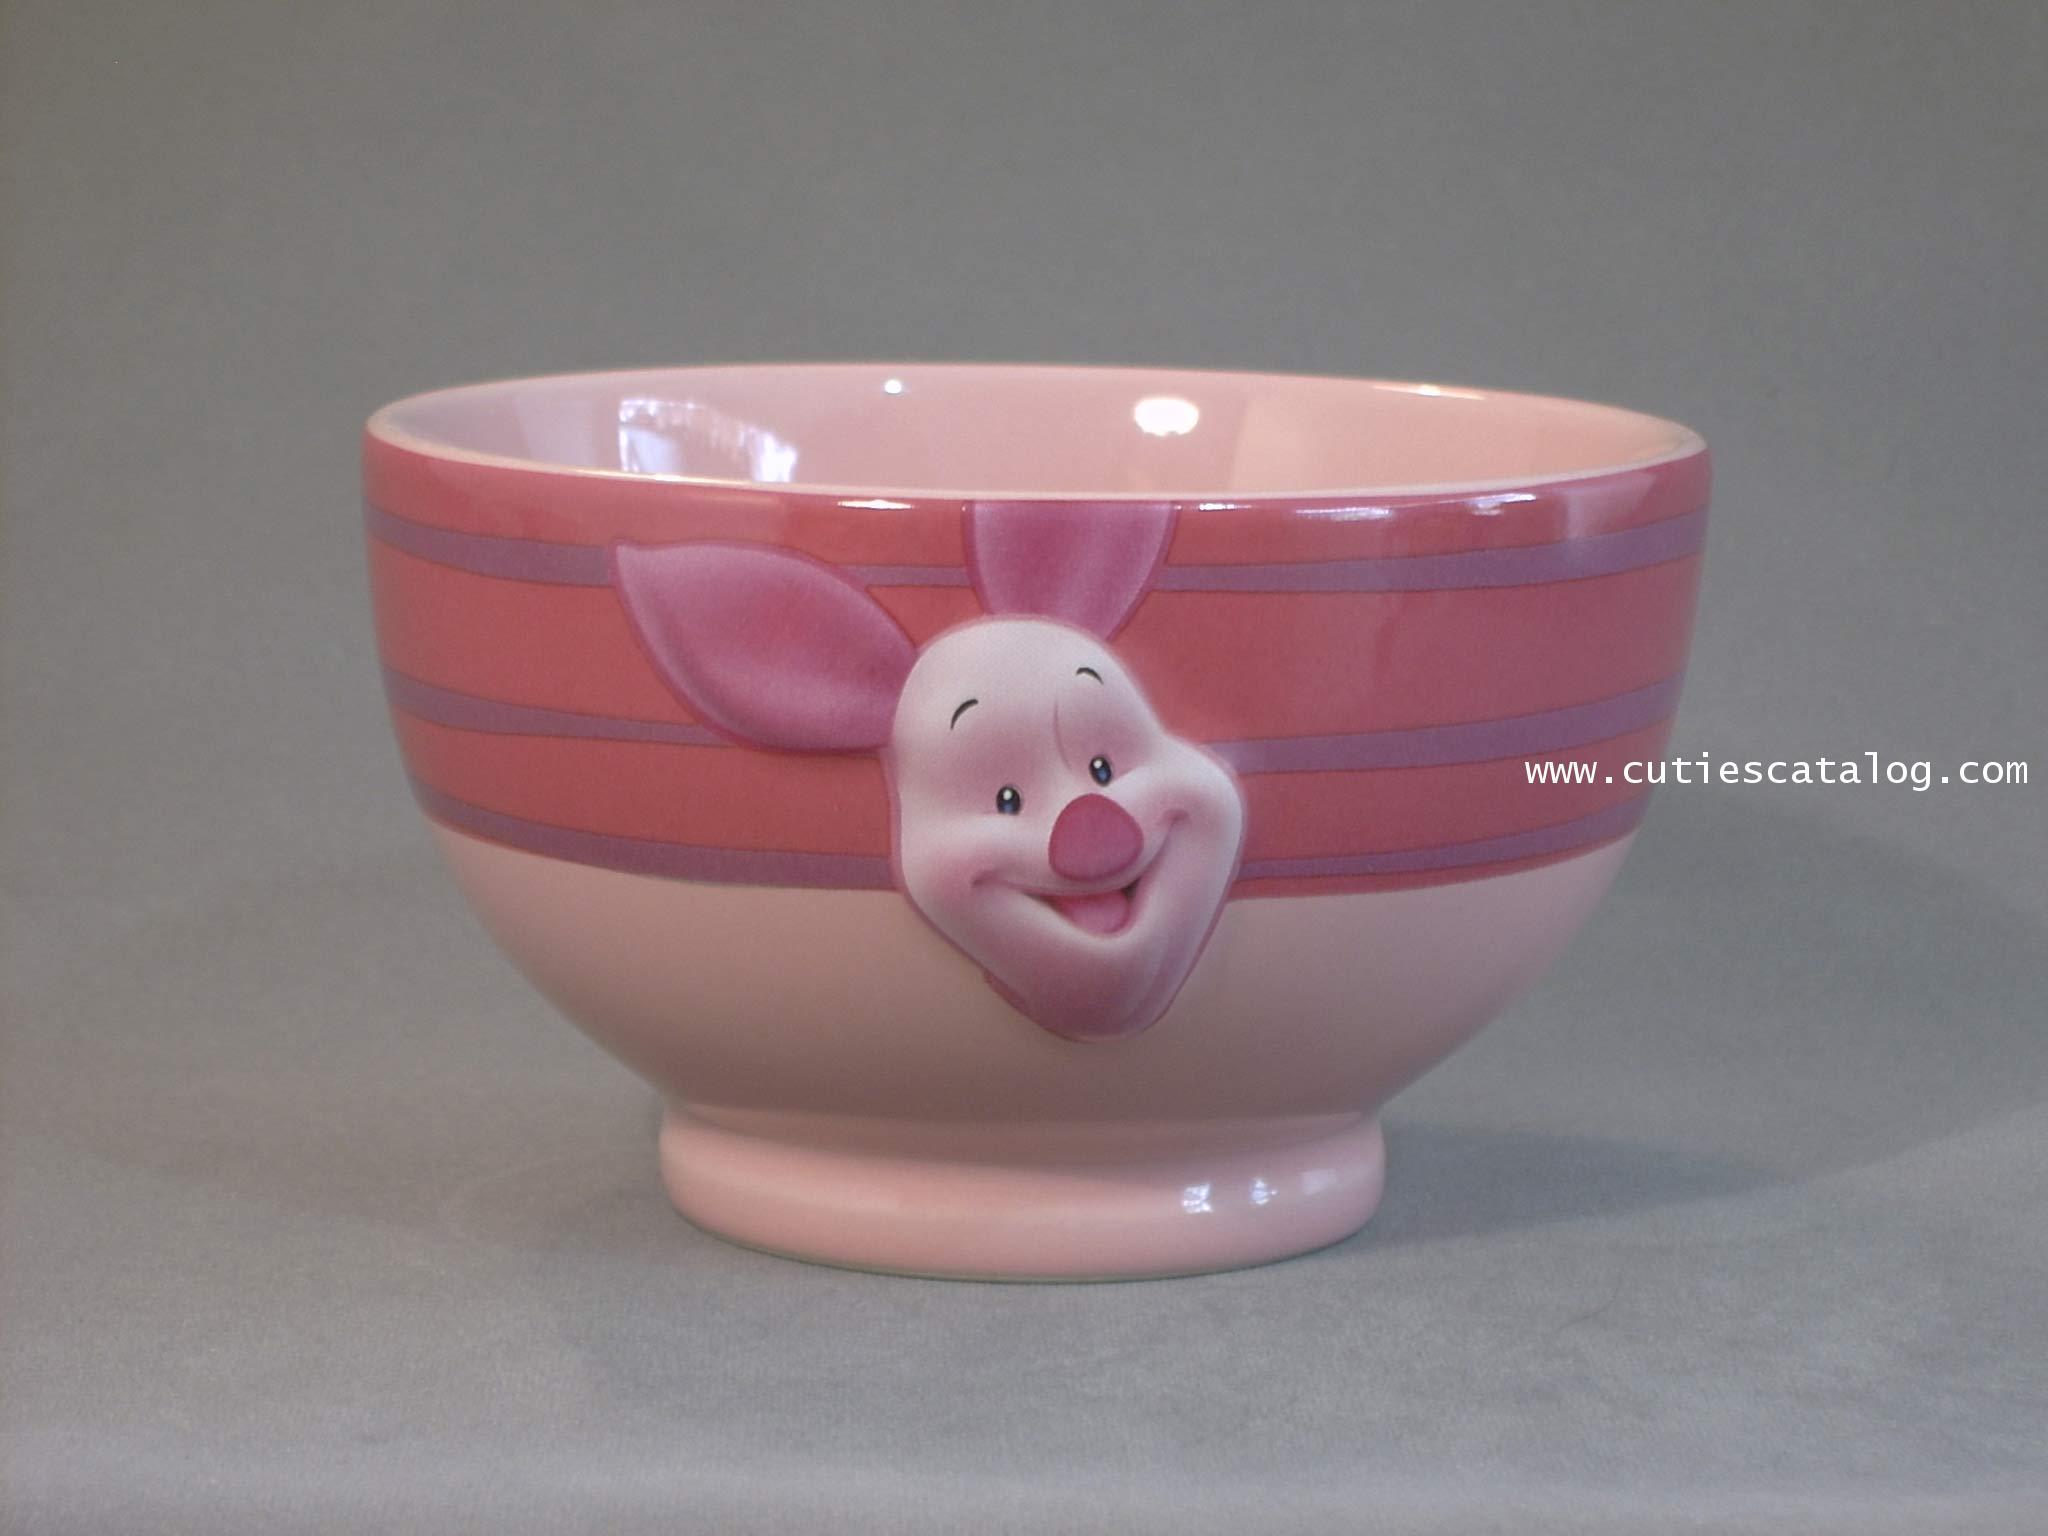 ชามดิสนีย์ ชุดลายหน้าใหญ่ ลายพิกเลท (piglet face bowl)